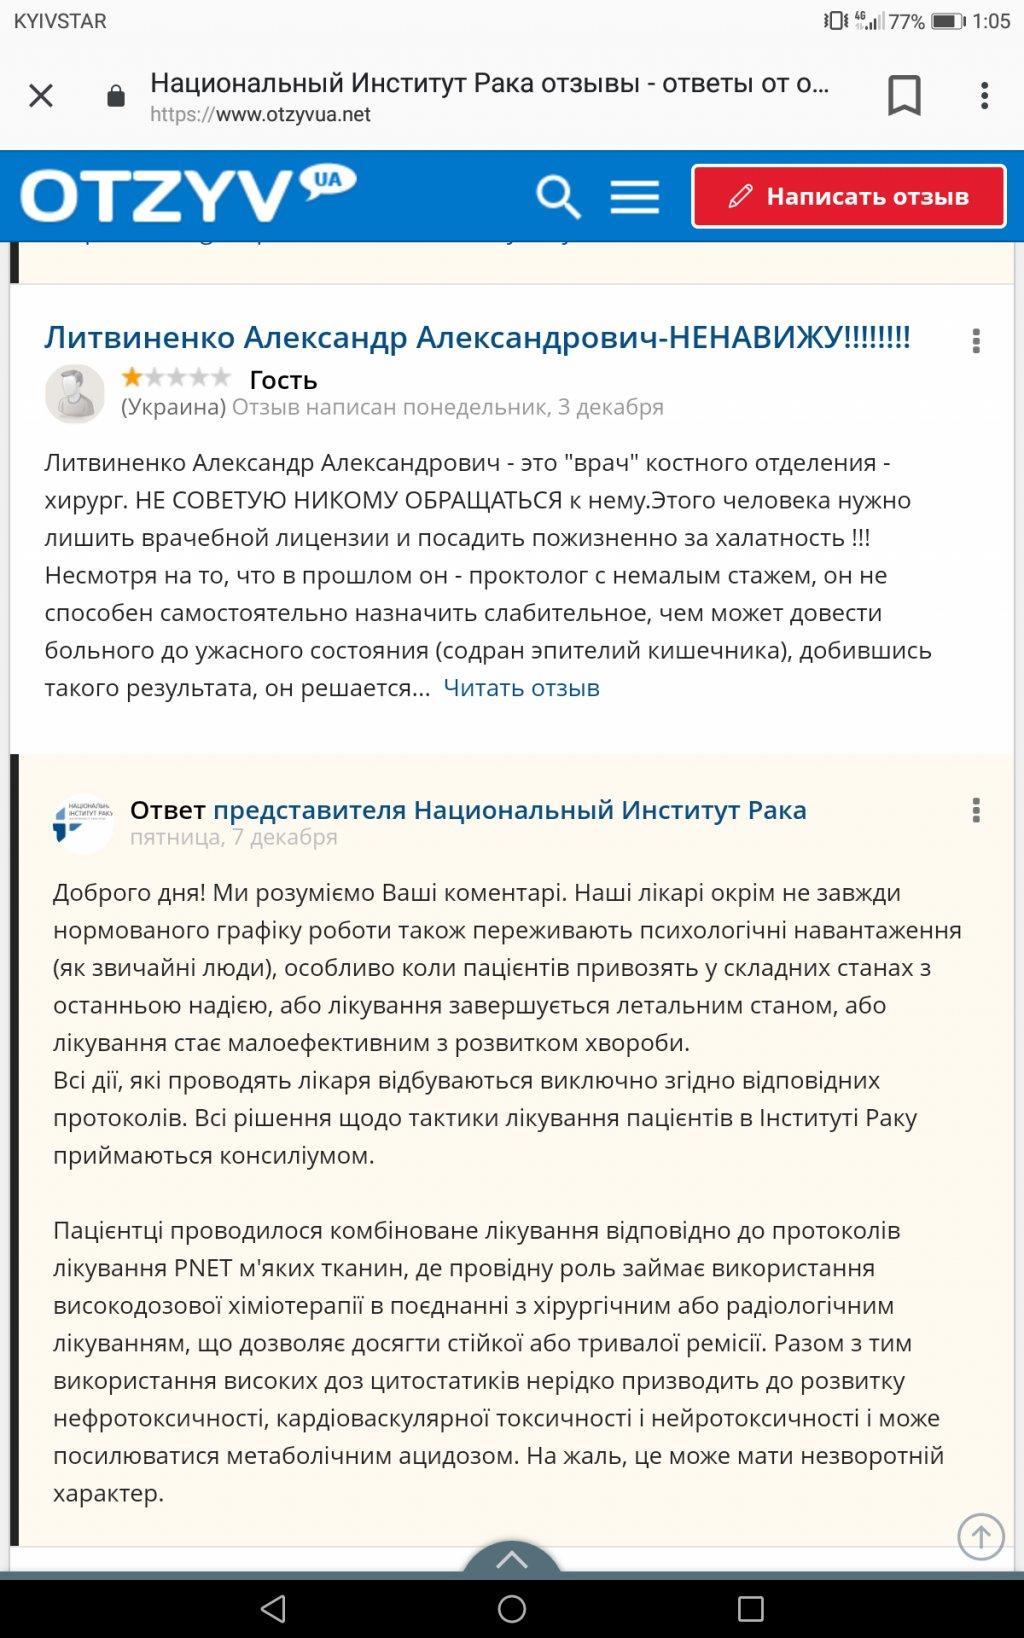 Национальный Институт Рака - ЛИТВИНЕНКО АЛЕКСАНДР АЛЕКСАНДРОВИЧ - УБИЙЦА